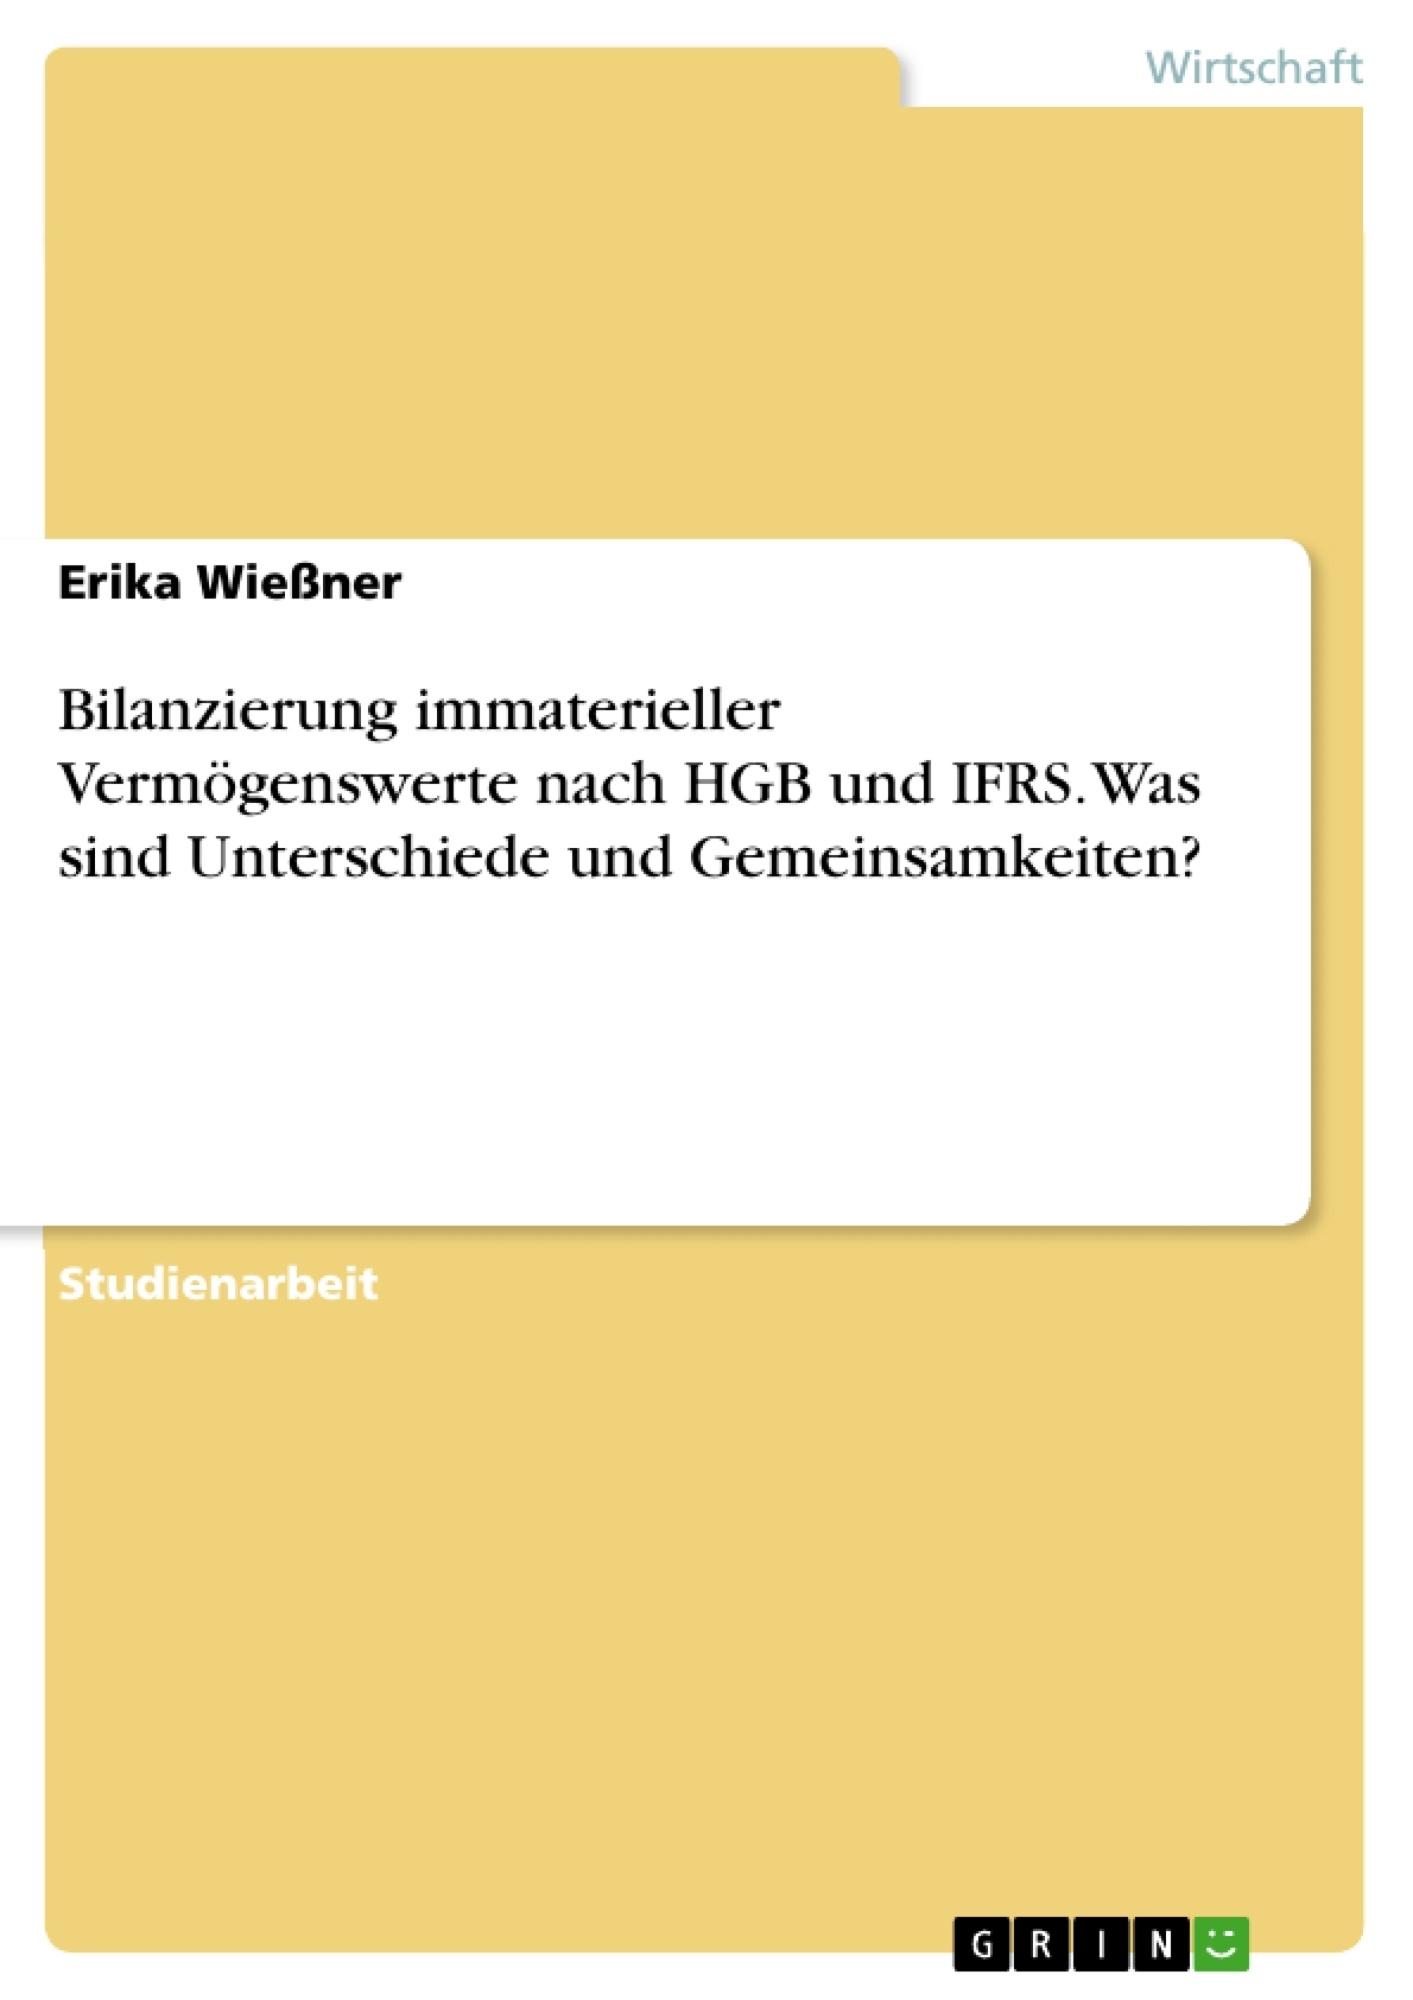 Titel: Bilanzierung immaterieller Vermögenswerte nach HGB und IFRS. Was sind Unterschiede und Gemeinsamkeiten?